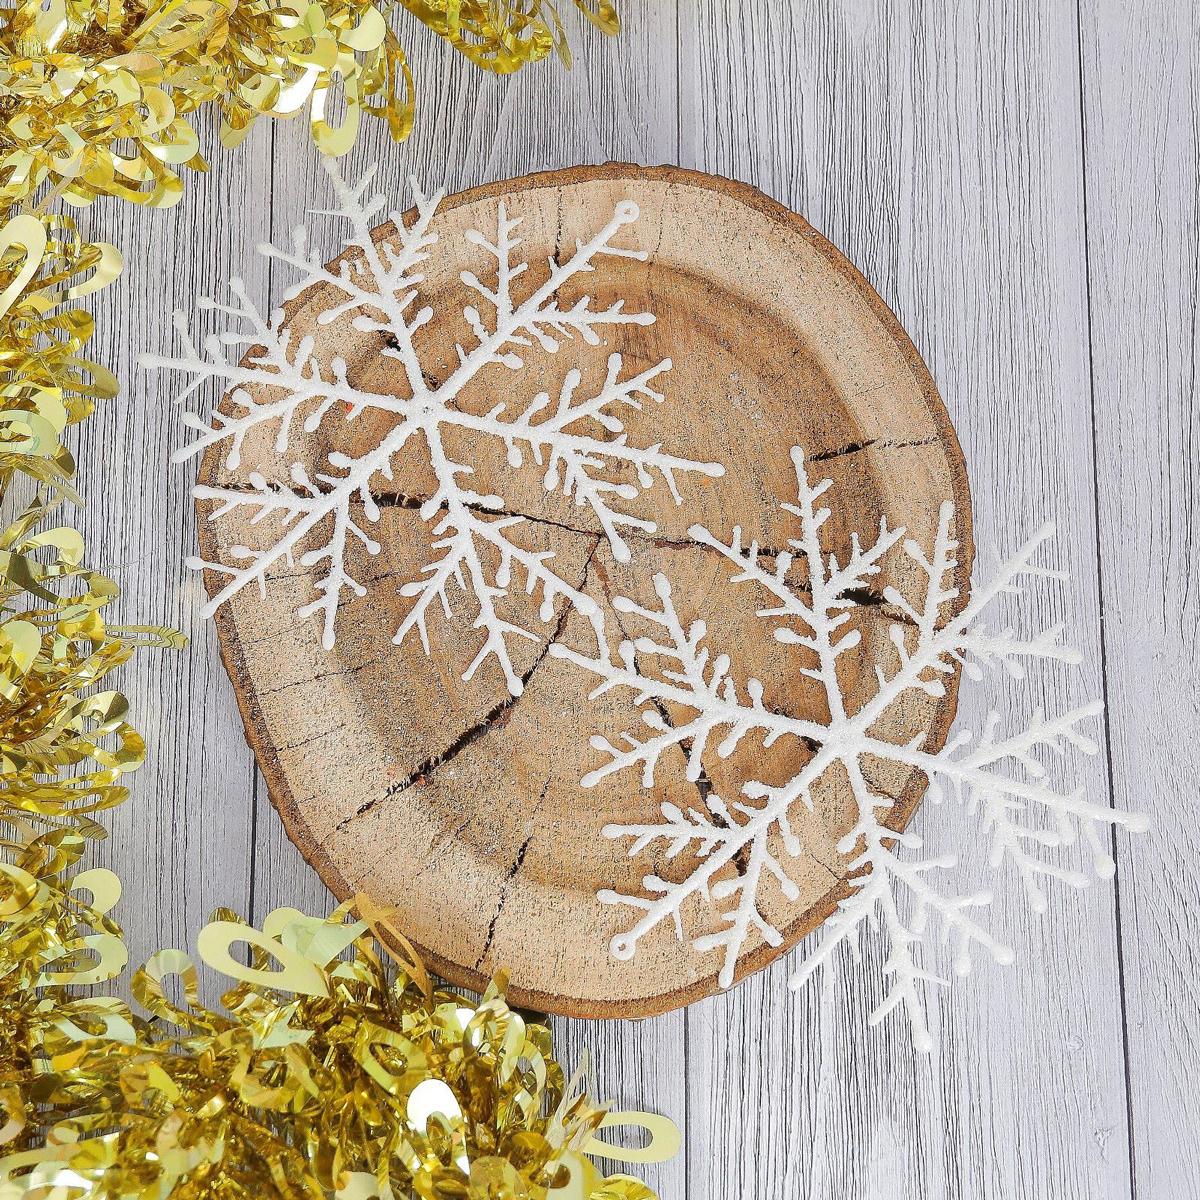 Набор новогодних подвесных украшений Снежинка, диаметр 14 см, 6 шт2371406Набор новогодних подвесных украшений отлично подойдет для декорации вашего дома и новогодней ели. С помощью специальной петельки украшение можно повесить в любом понравившемся вам месте. Но, конечно, удачнее всего оно будет смотреться на праздничной елке.Елочная игрушка - символ Нового года. Она несет в себе волшебство и красоту праздника. Такое украшение создаст в вашем доме атмосферу праздника, веселья и радости.